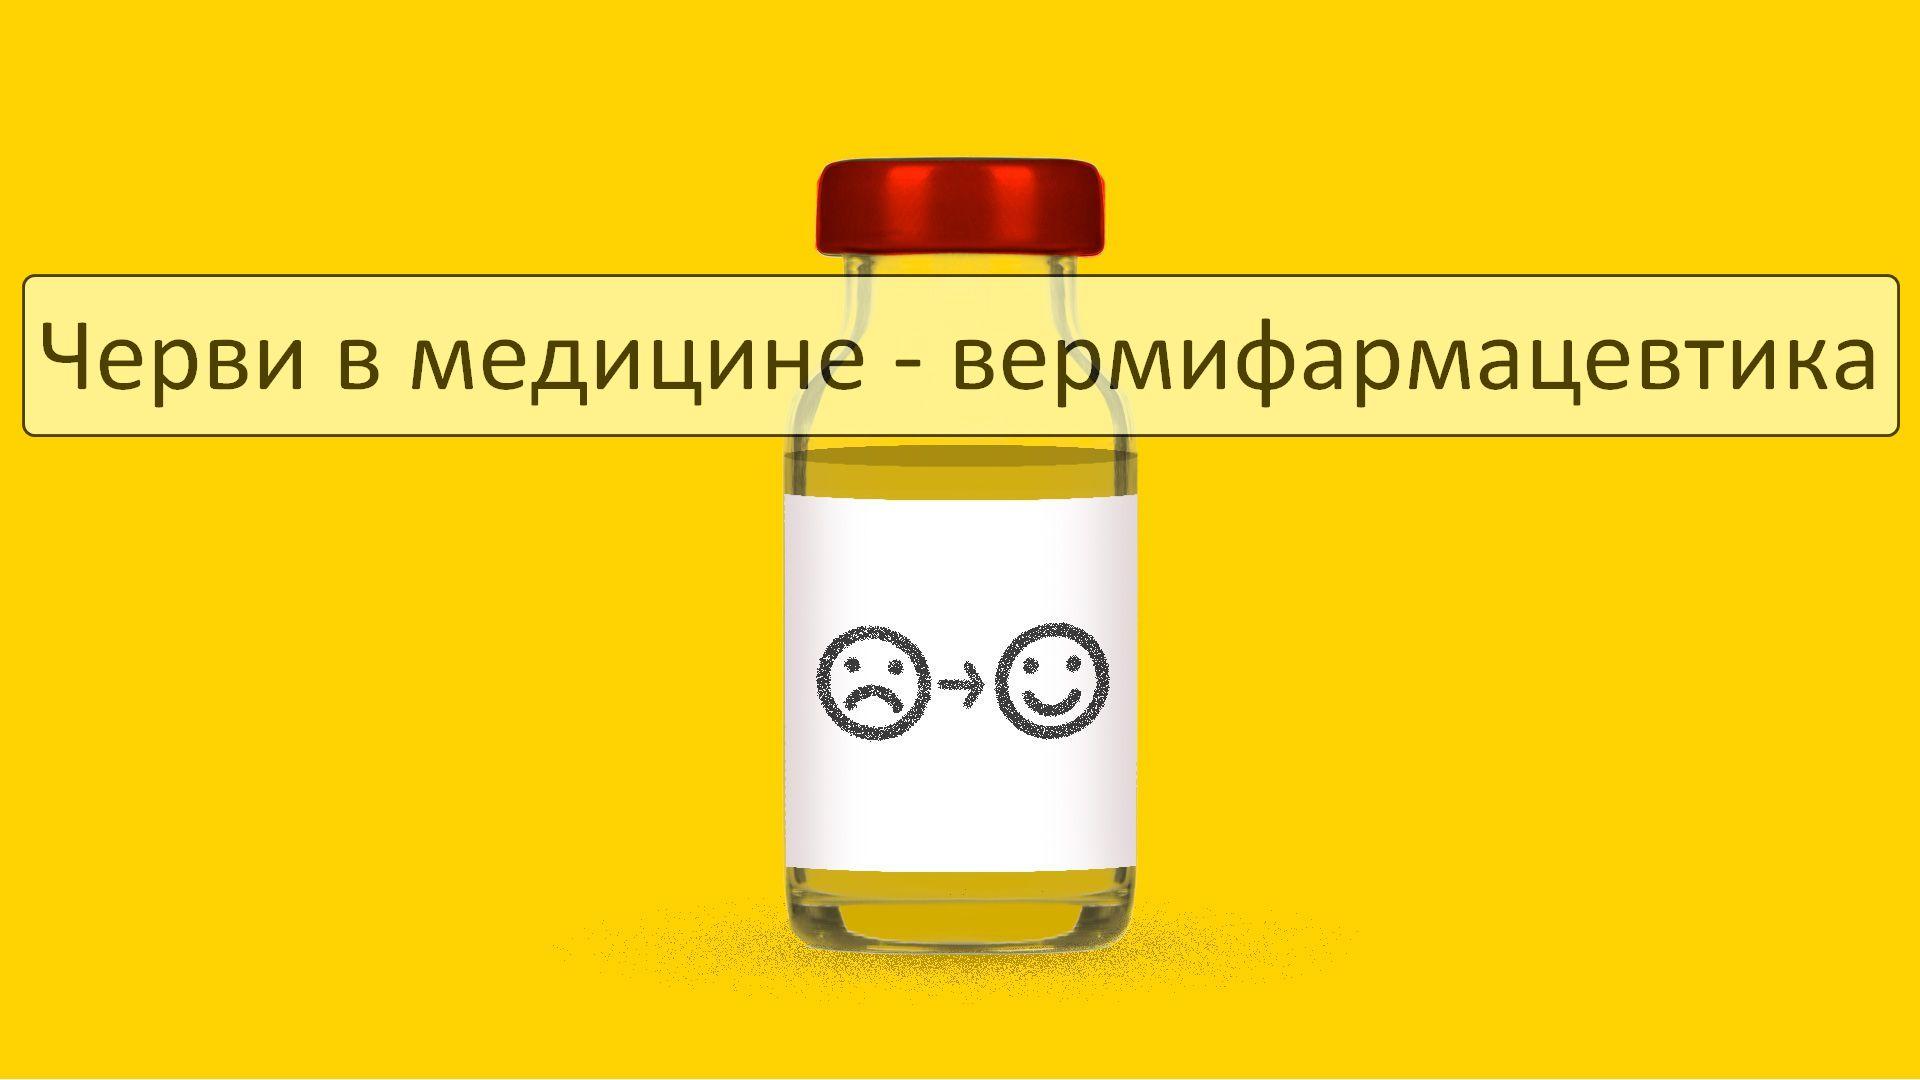 Черви в медицине - вермифармацевтика